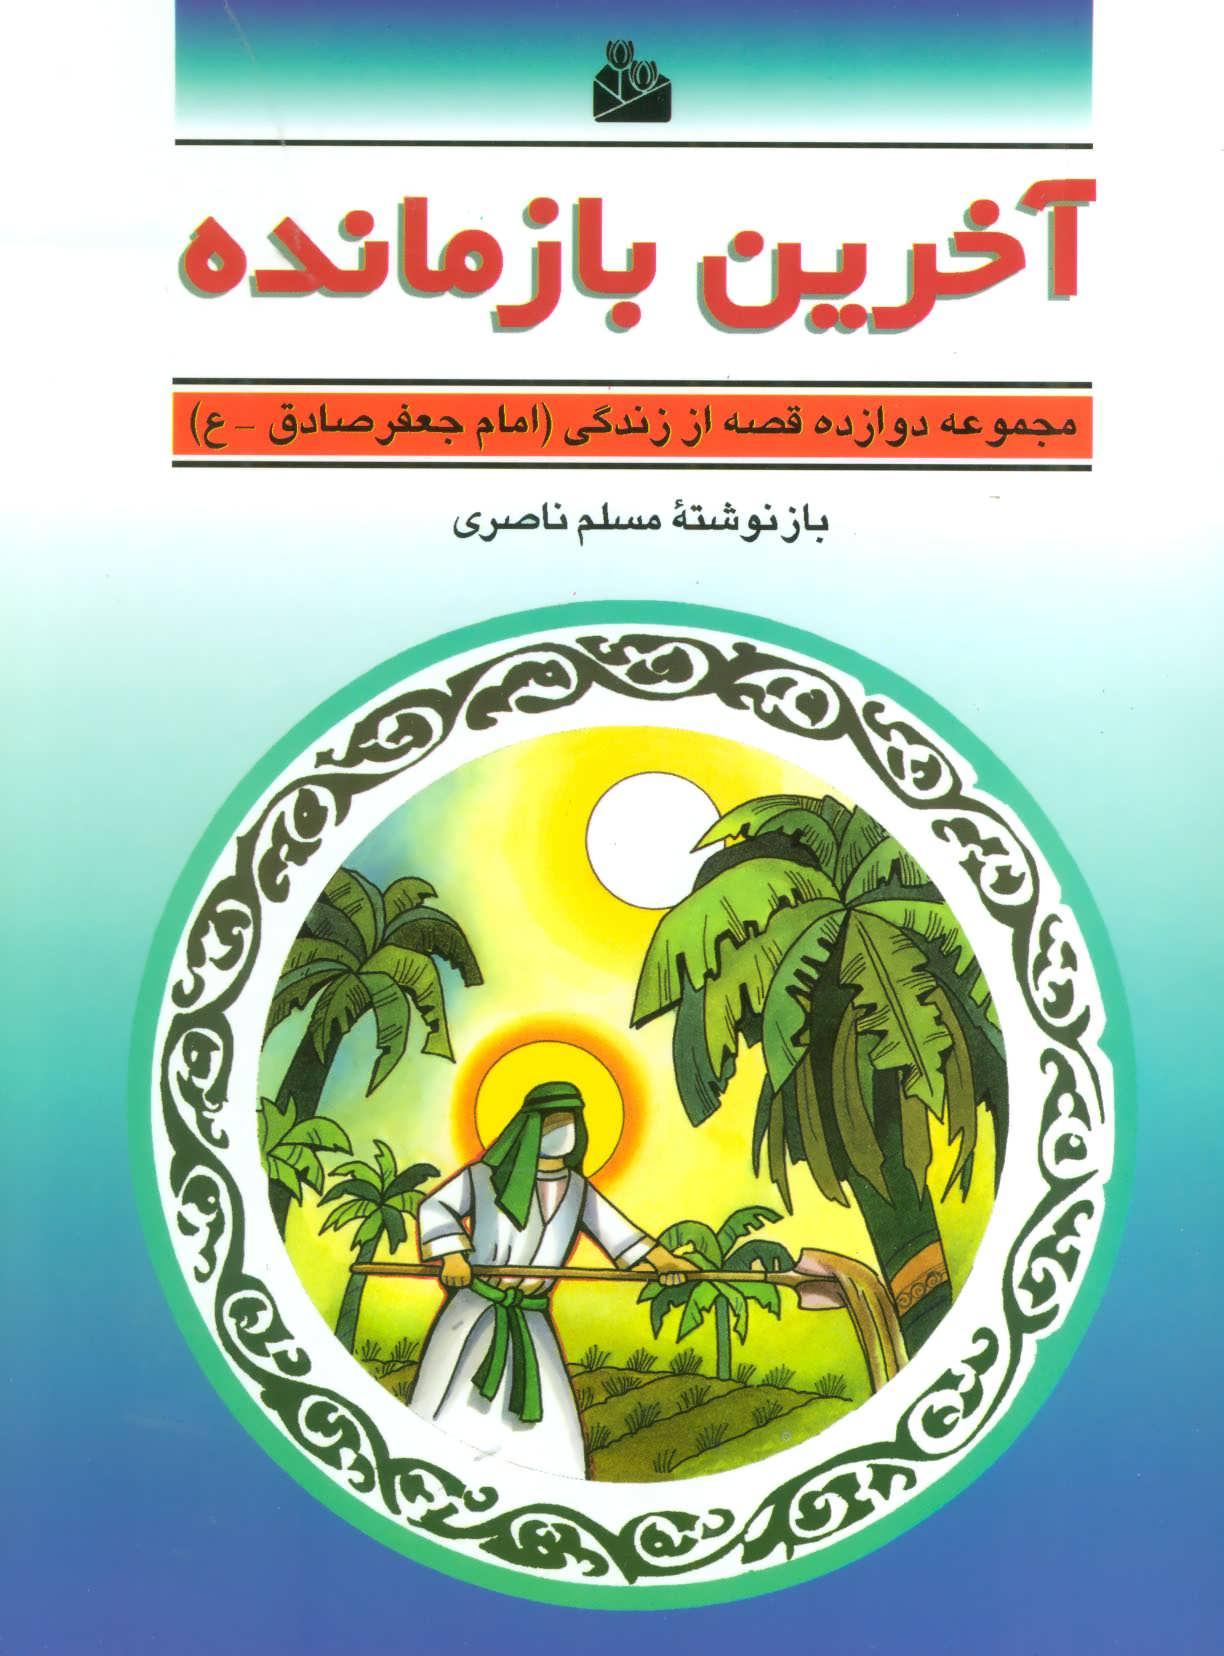 آخرين بازمانده (دوازده قصه از زندگي (امام جعفرصادق (ع))